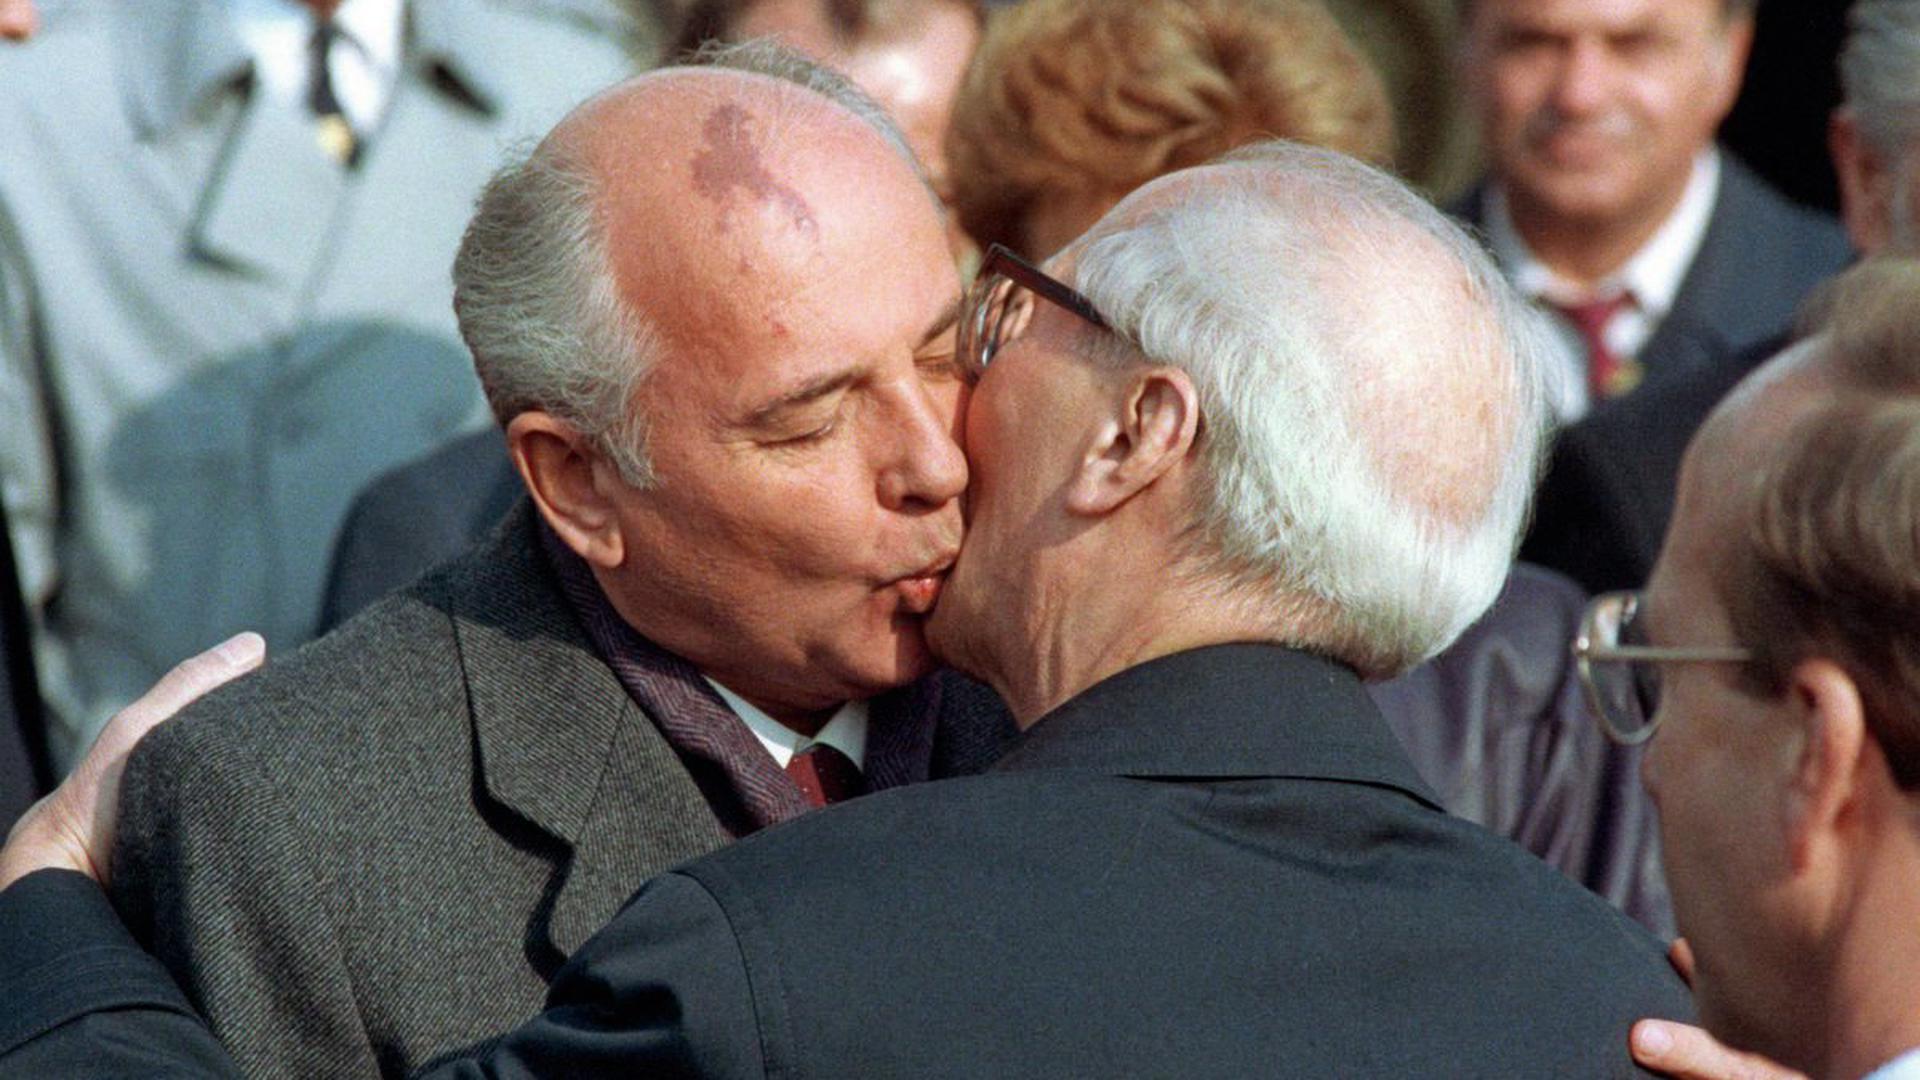 Der sowjetische Staats- und Parteichef Michail Gorbatschow (l) wird nach seiner Ankunft zu den Feierlichkeiten zum 40-jährigen Staatsjubiläum der DDR am 6. Oktober 1989 in Ost-Berlin von dem Staatsratsvorsitzenden Erich Honecker mit dem traditionellen Bruderkuß willkommen geheißen.